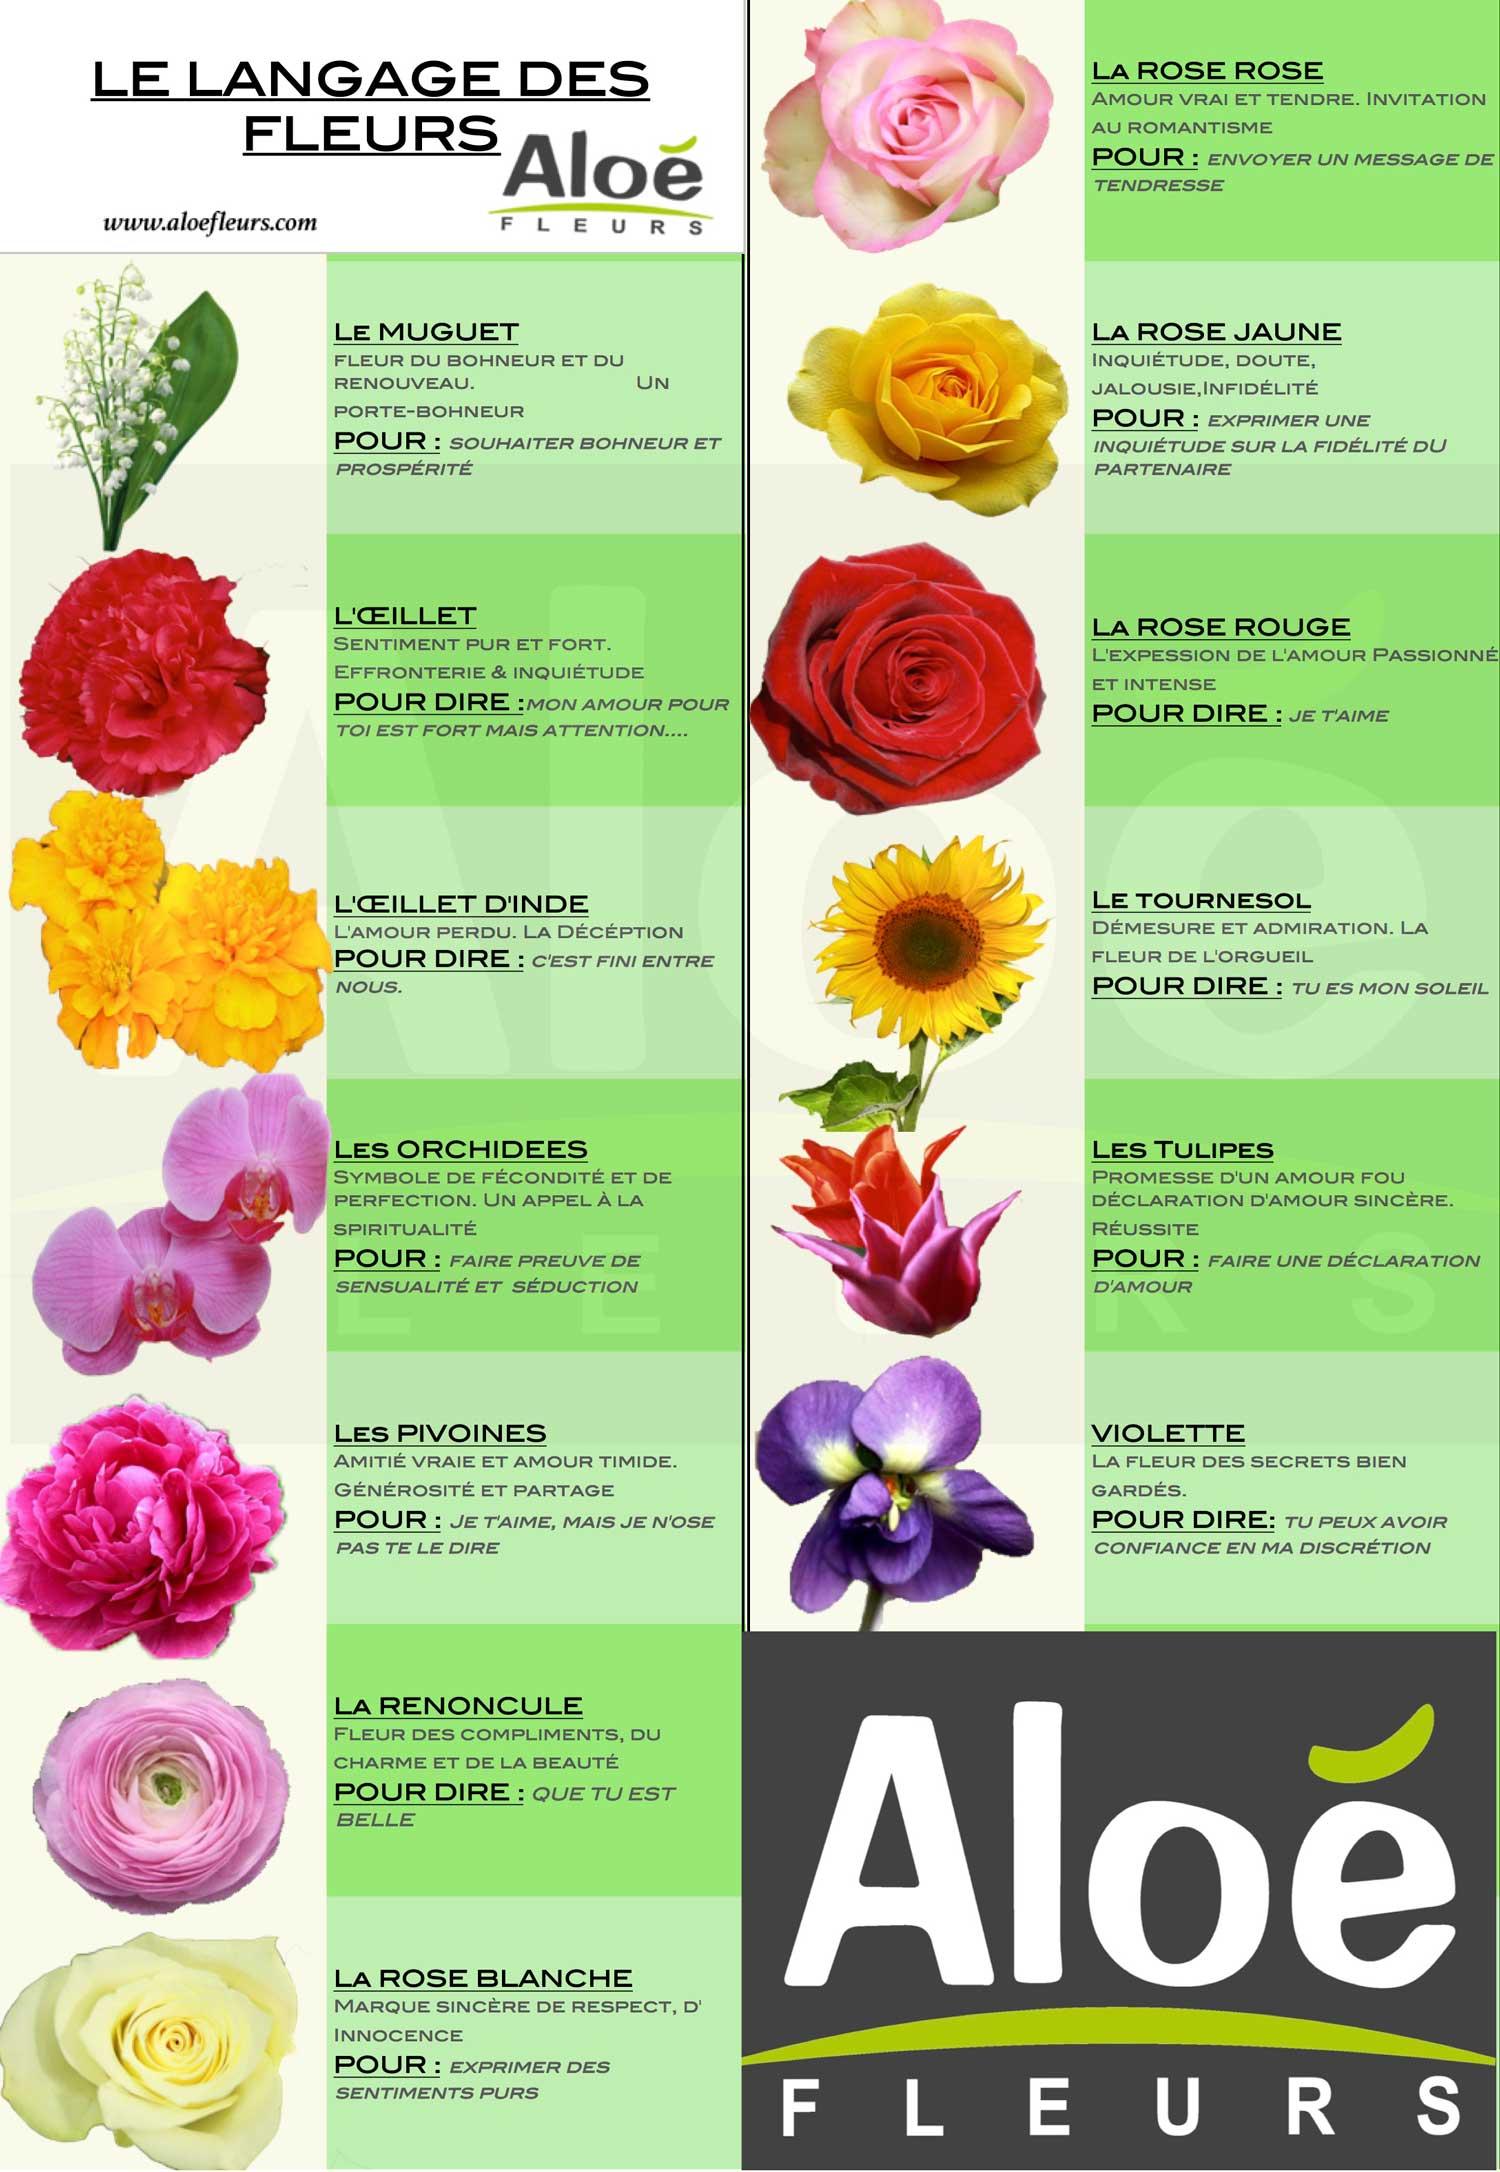 langage-des-fleurs-CP2-1500px